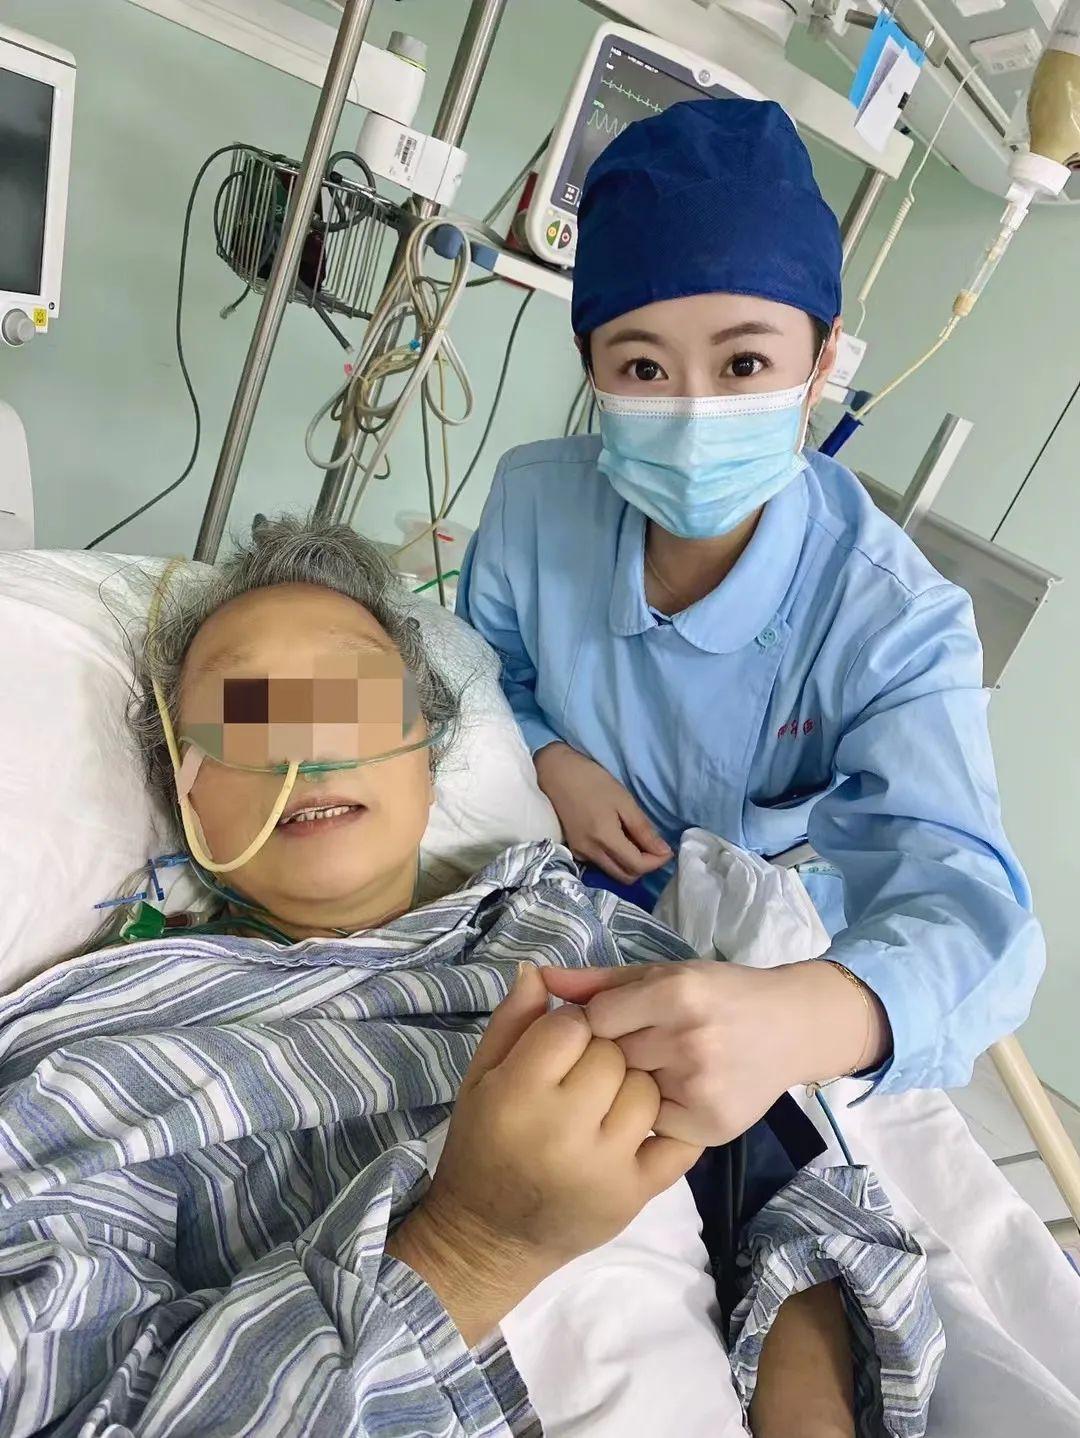 同济大学附属同济医院重症医学科(ICU)使用「DPMAS」技术架起通往新生的「救命桥」